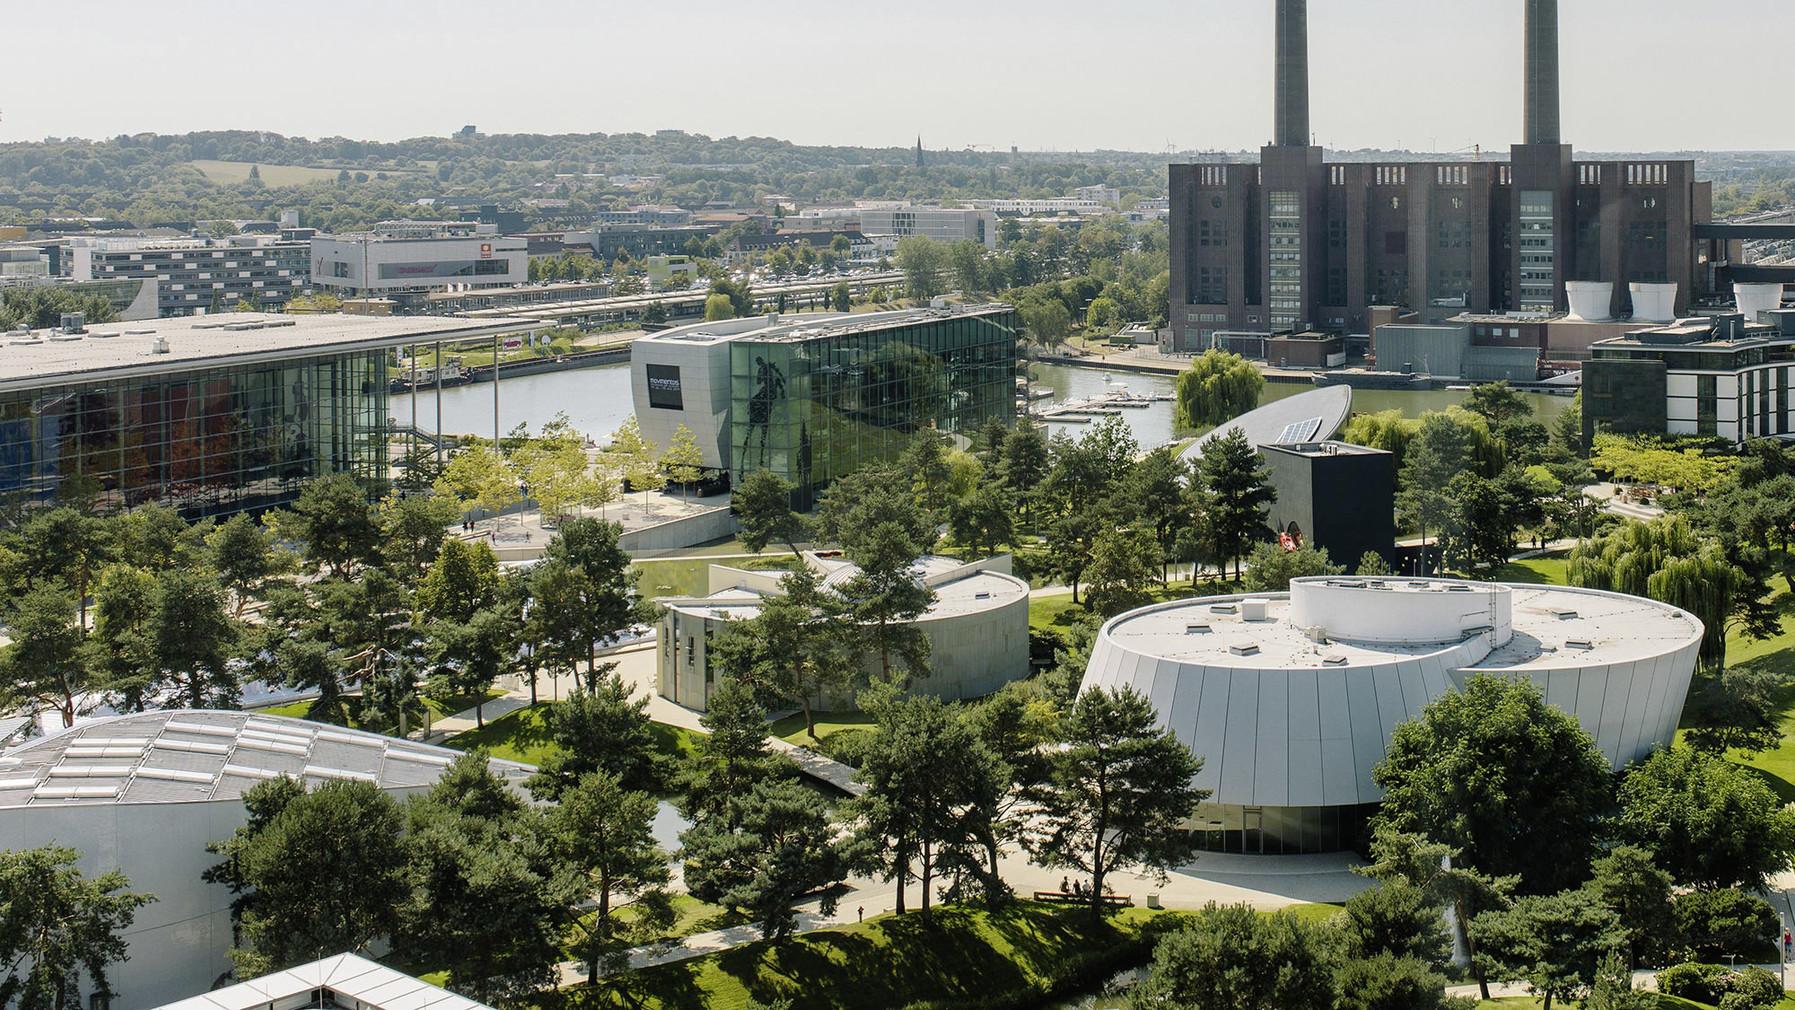 Lunes de museos: Autostadt, una ciudad con la historia de Volkswagen